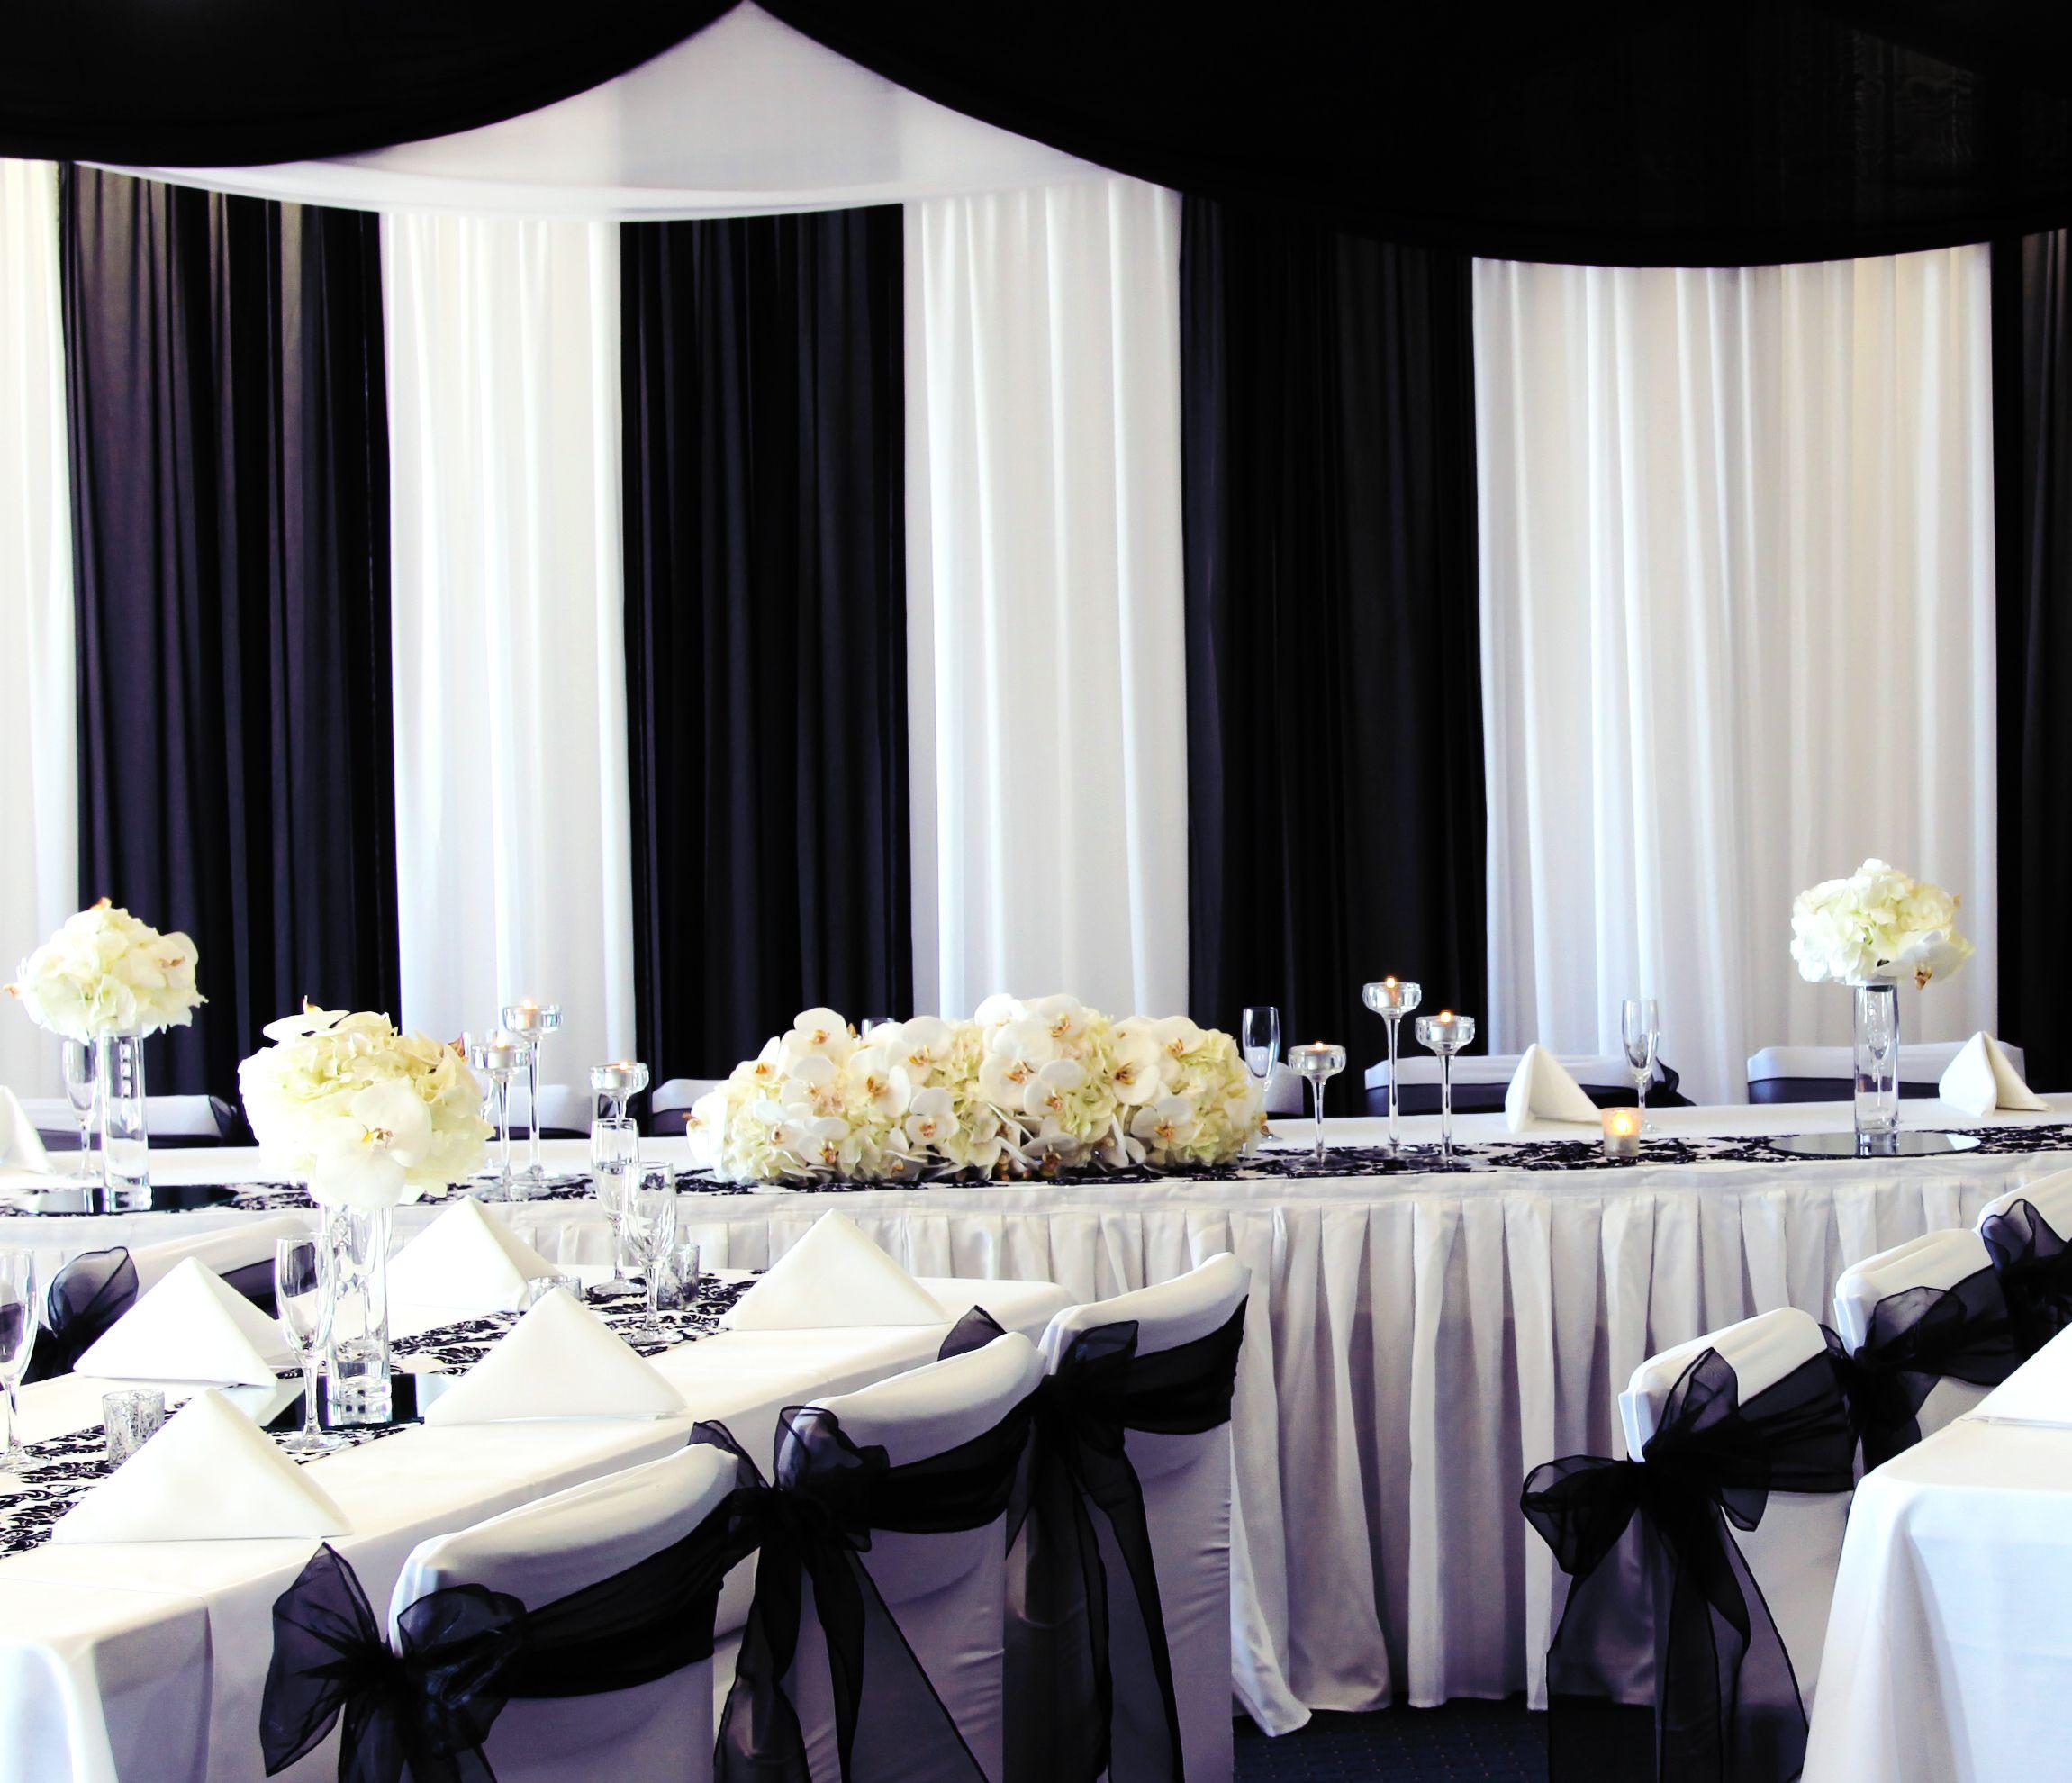 Gorgeous Black and White Wedding Idea! - California Weddings At ...